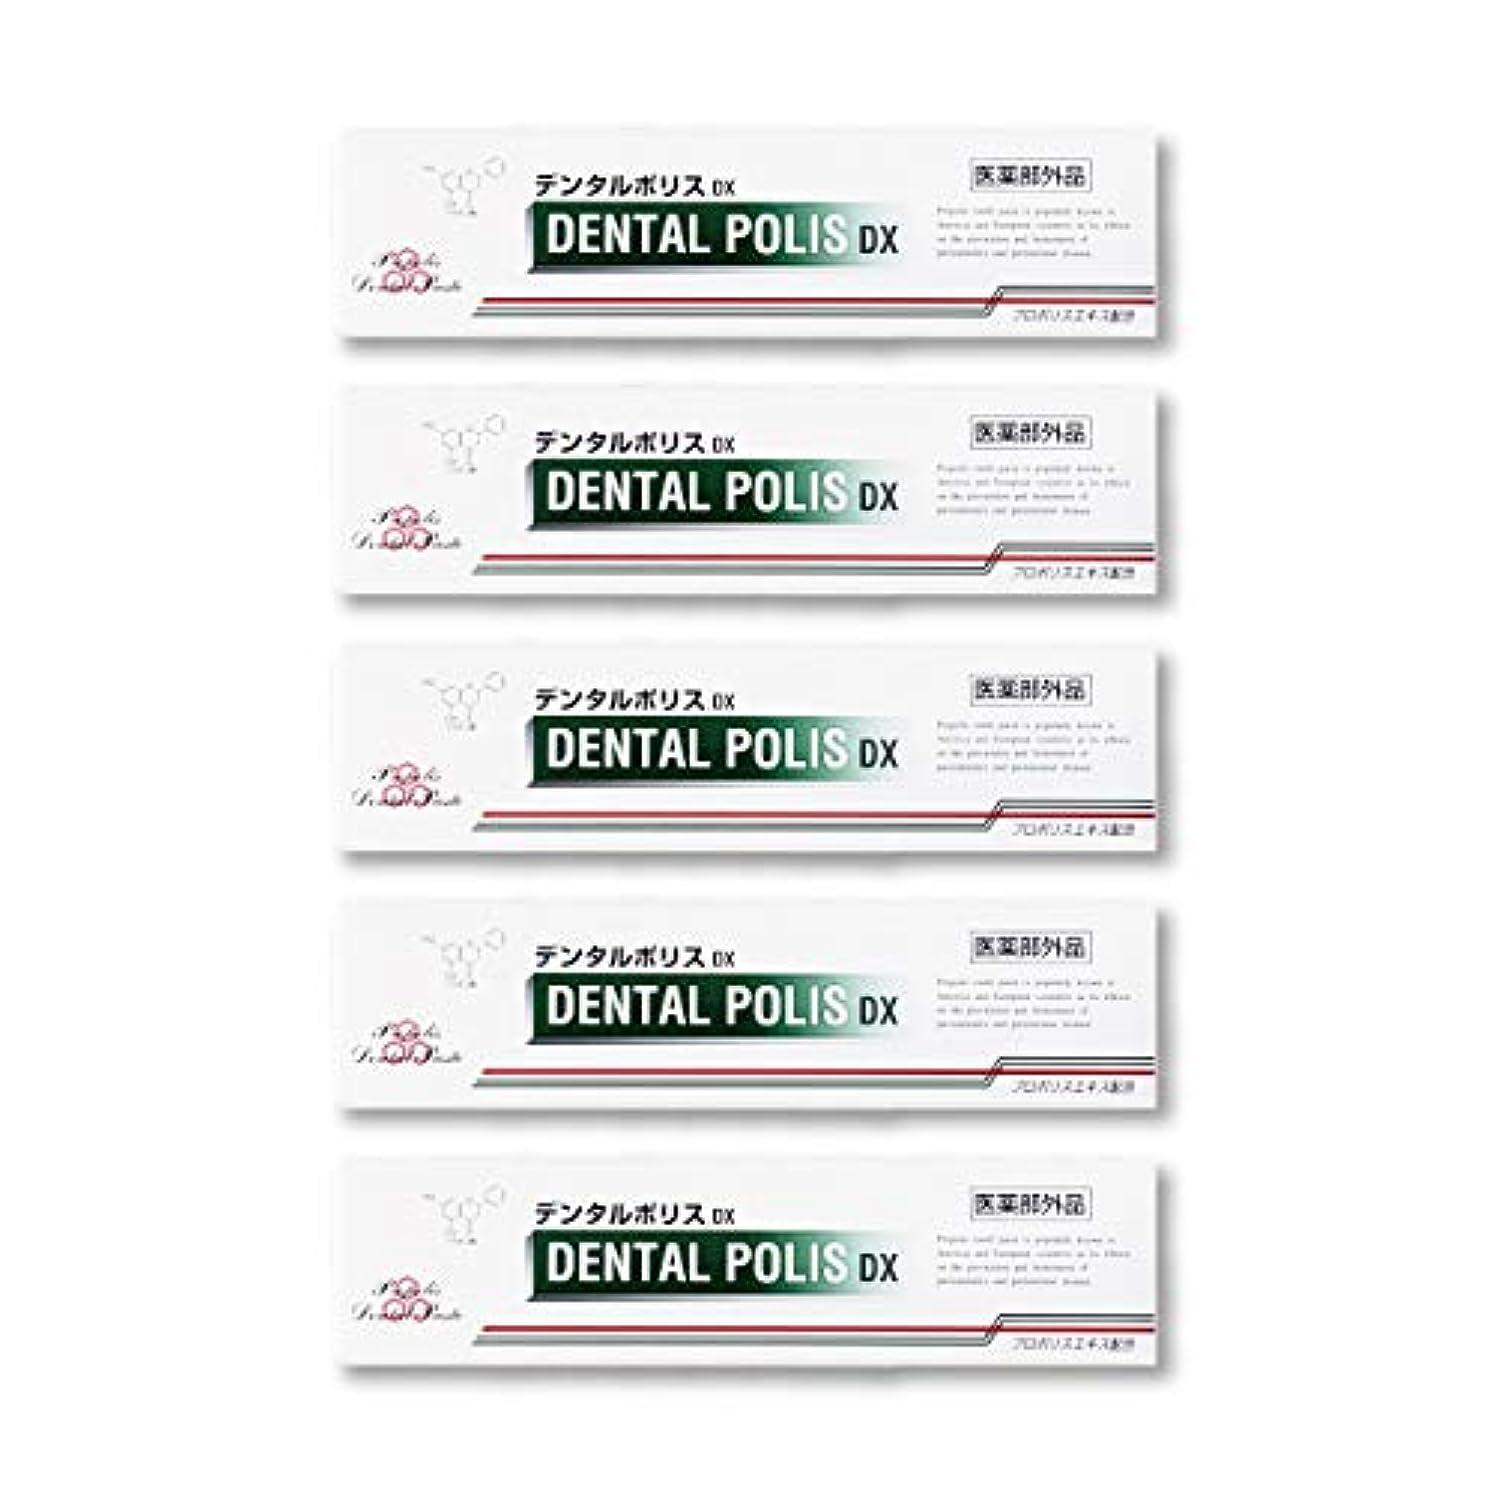 広まった模索二度デンタルポリスDX  80g   5本セット 医薬部外品  歯みがき